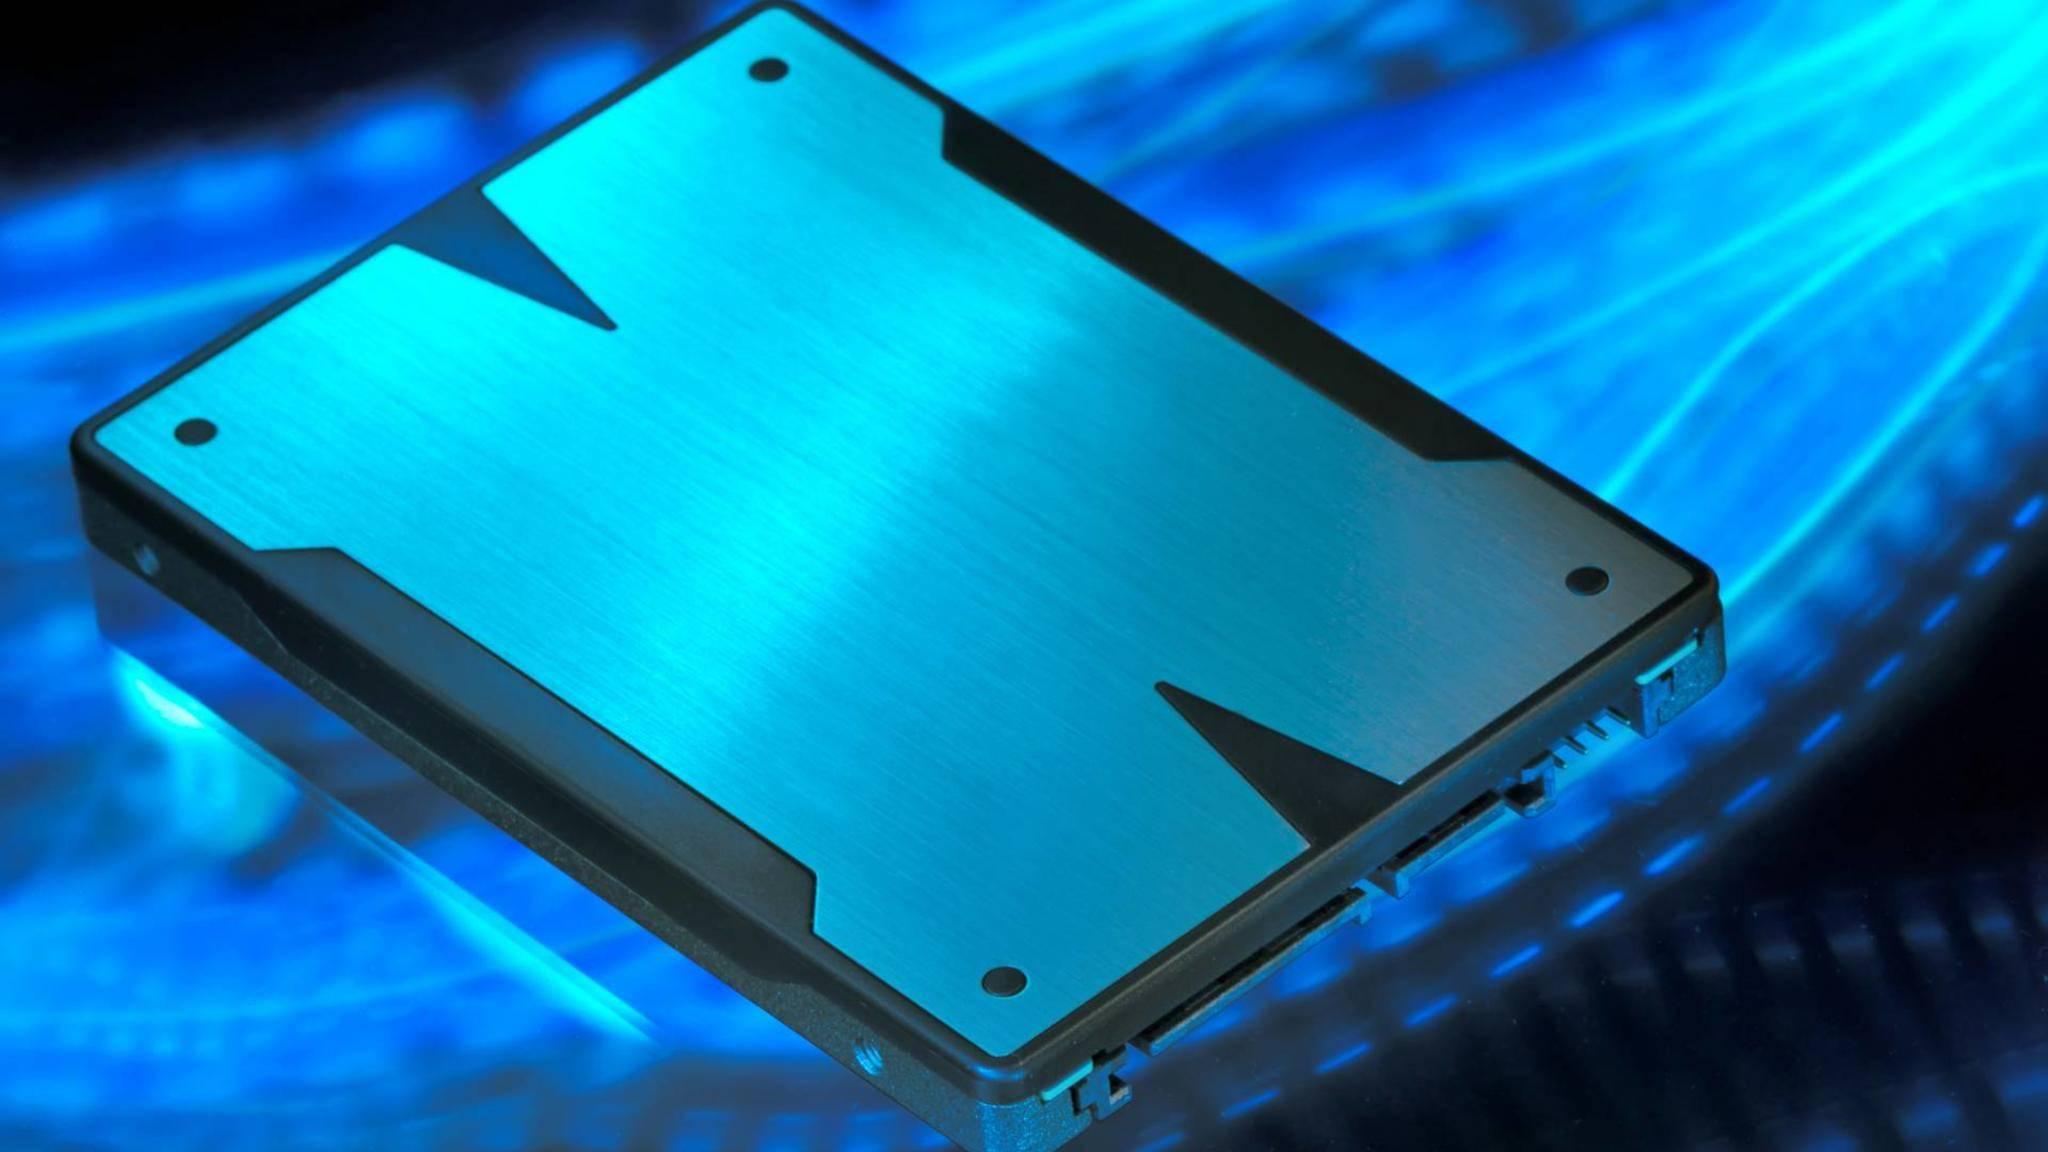 Ein neuer Mac mini sollte eine schnelle SSD integriert haben.